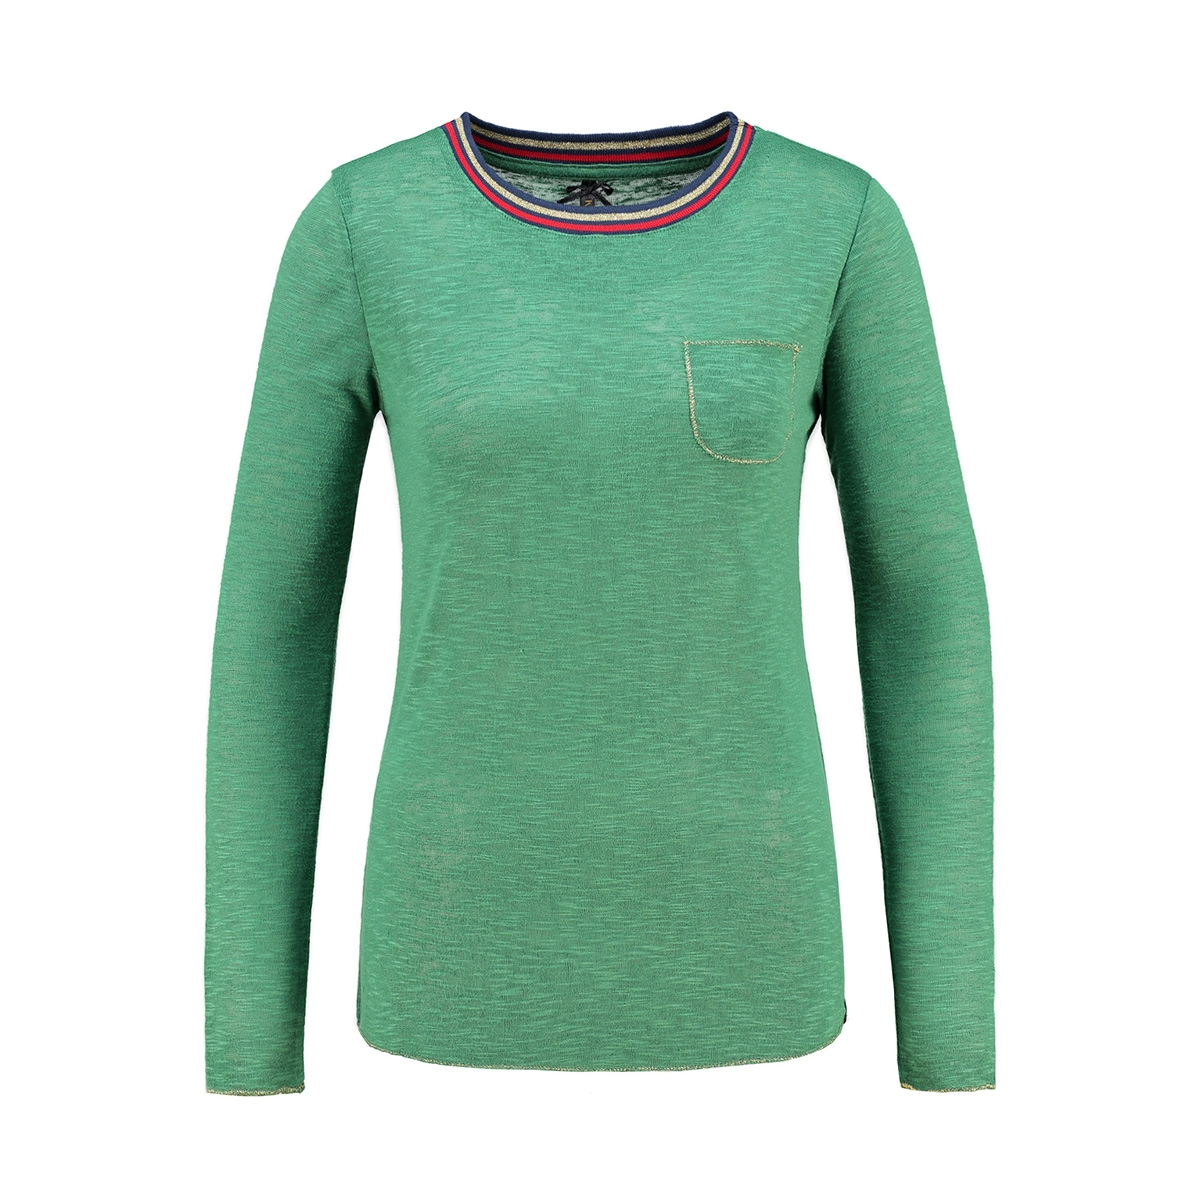 wls00090 key largo t-shirt leaf green